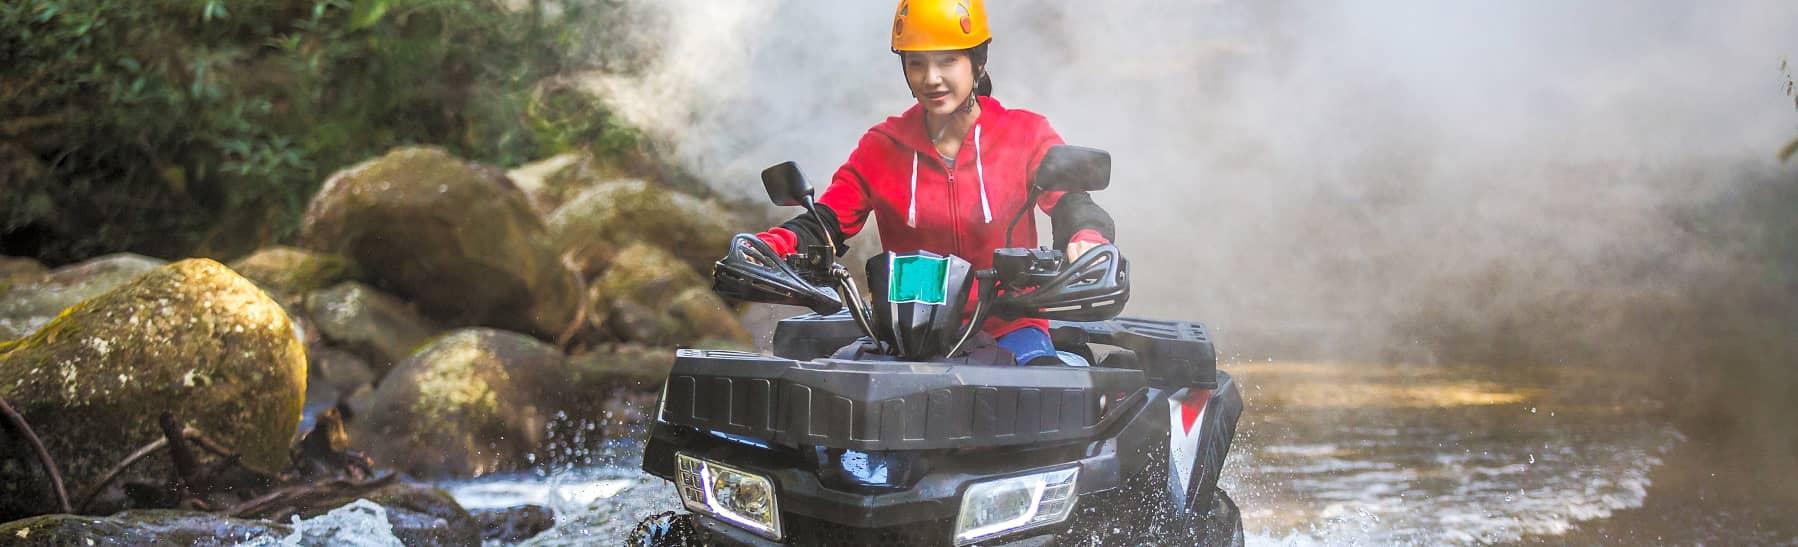 ATV Quad Bike Ride in Bali gallery